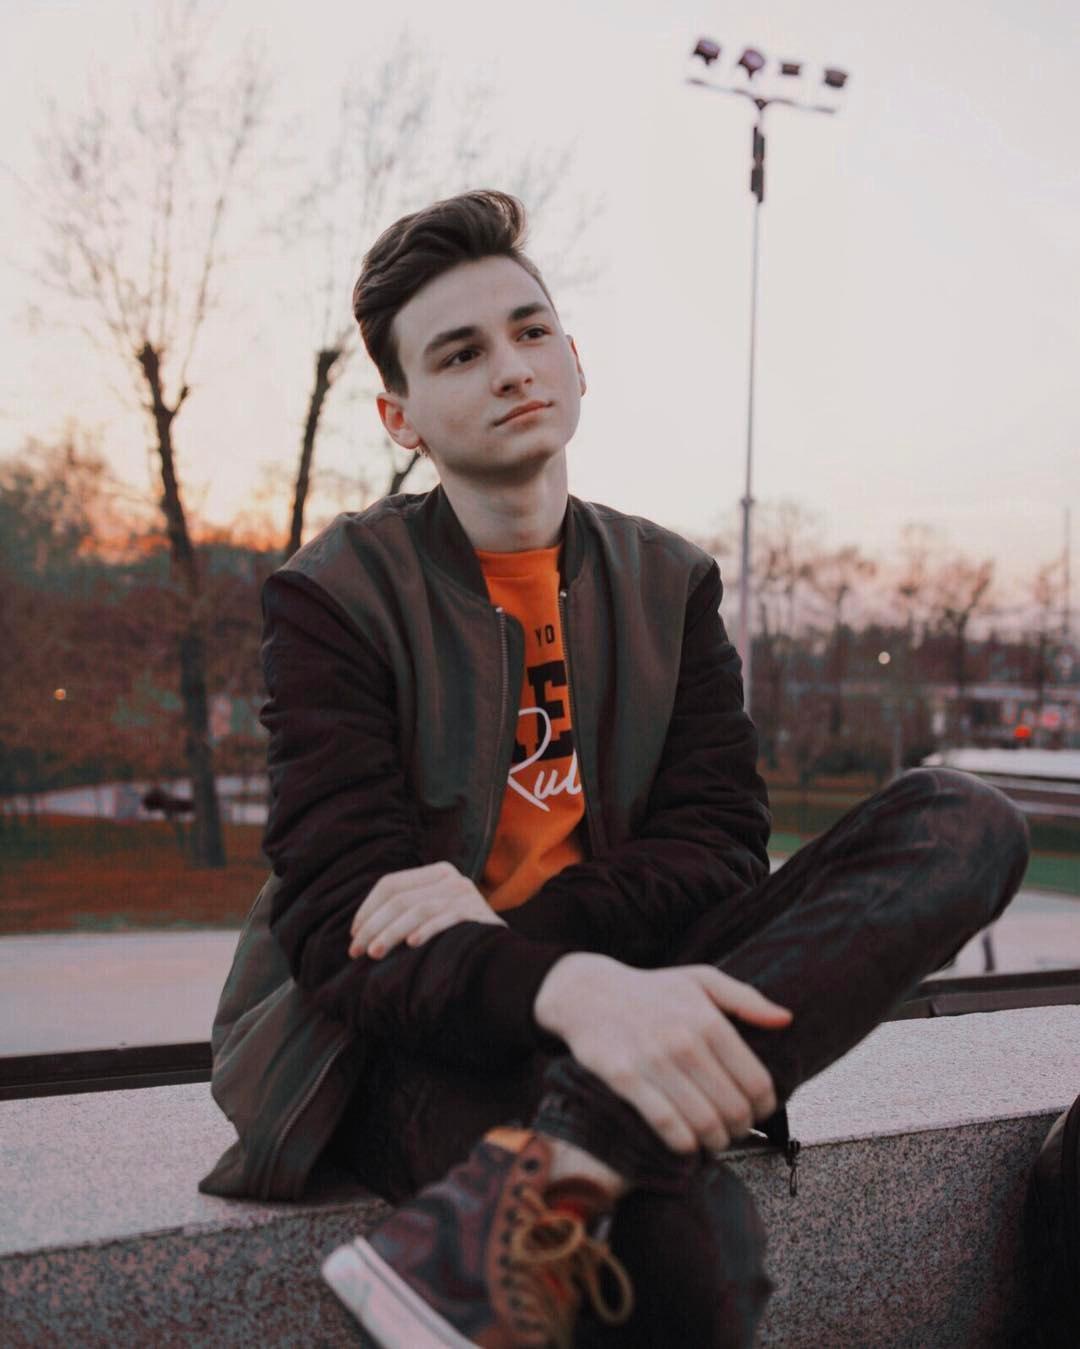 Блогера Макса Тарасенко задержали за вождение без прав в нетрезвом виде